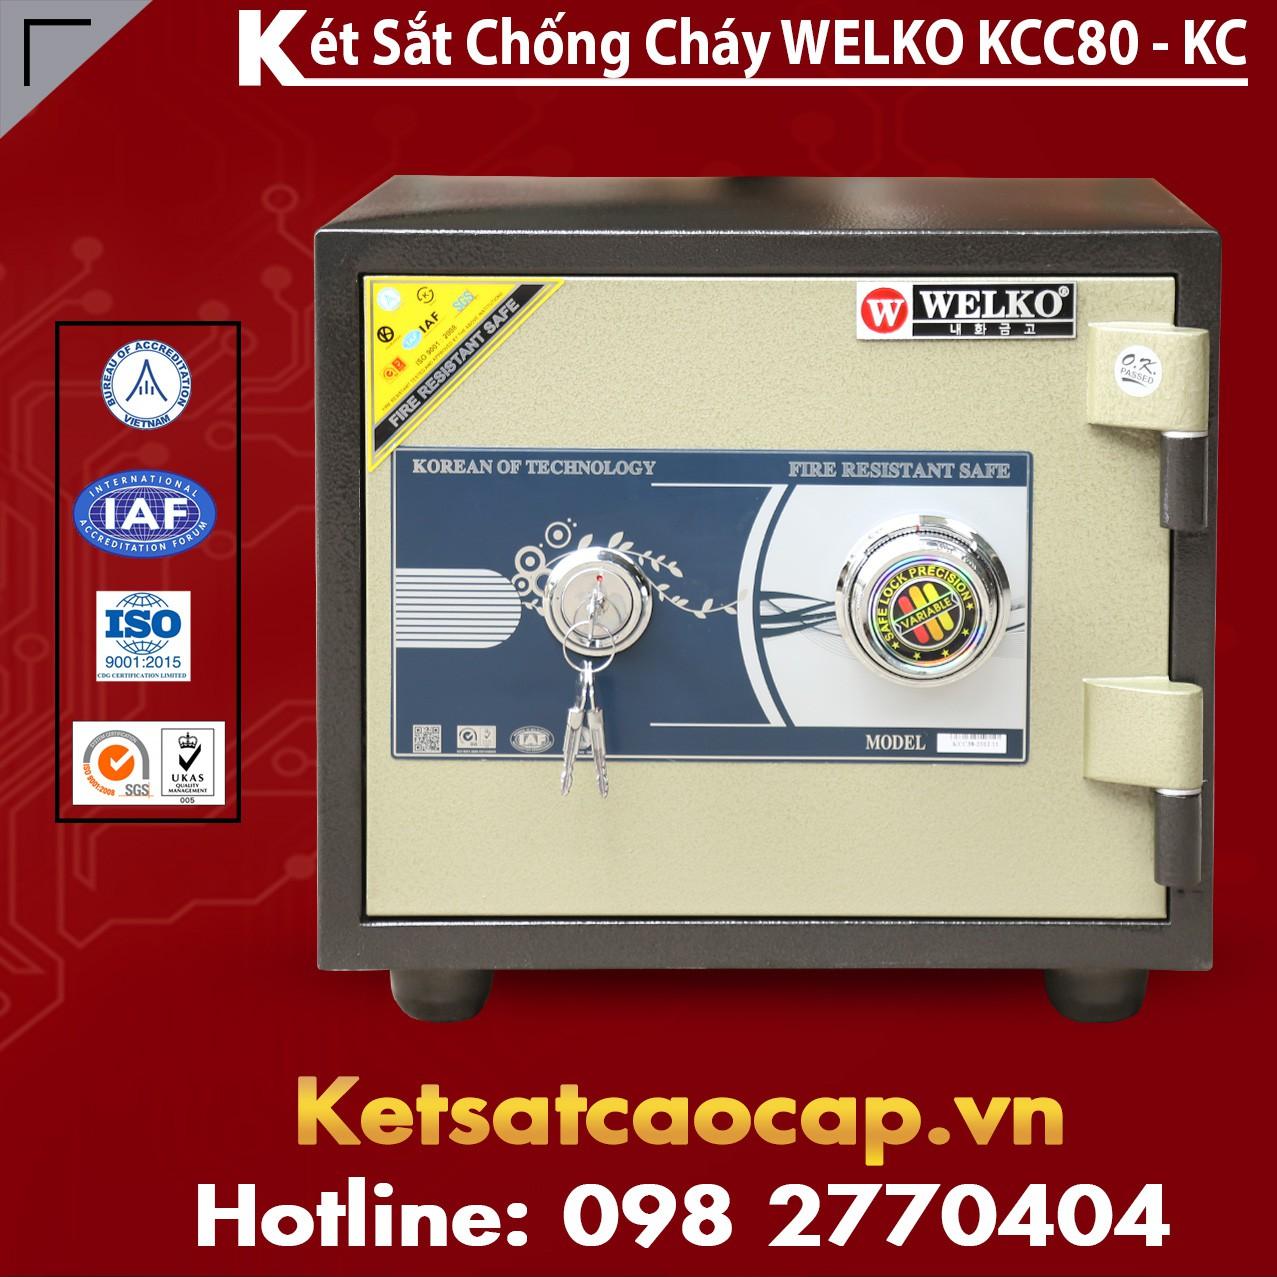 Két Sắt Chống Cháy KCC 80 - KC